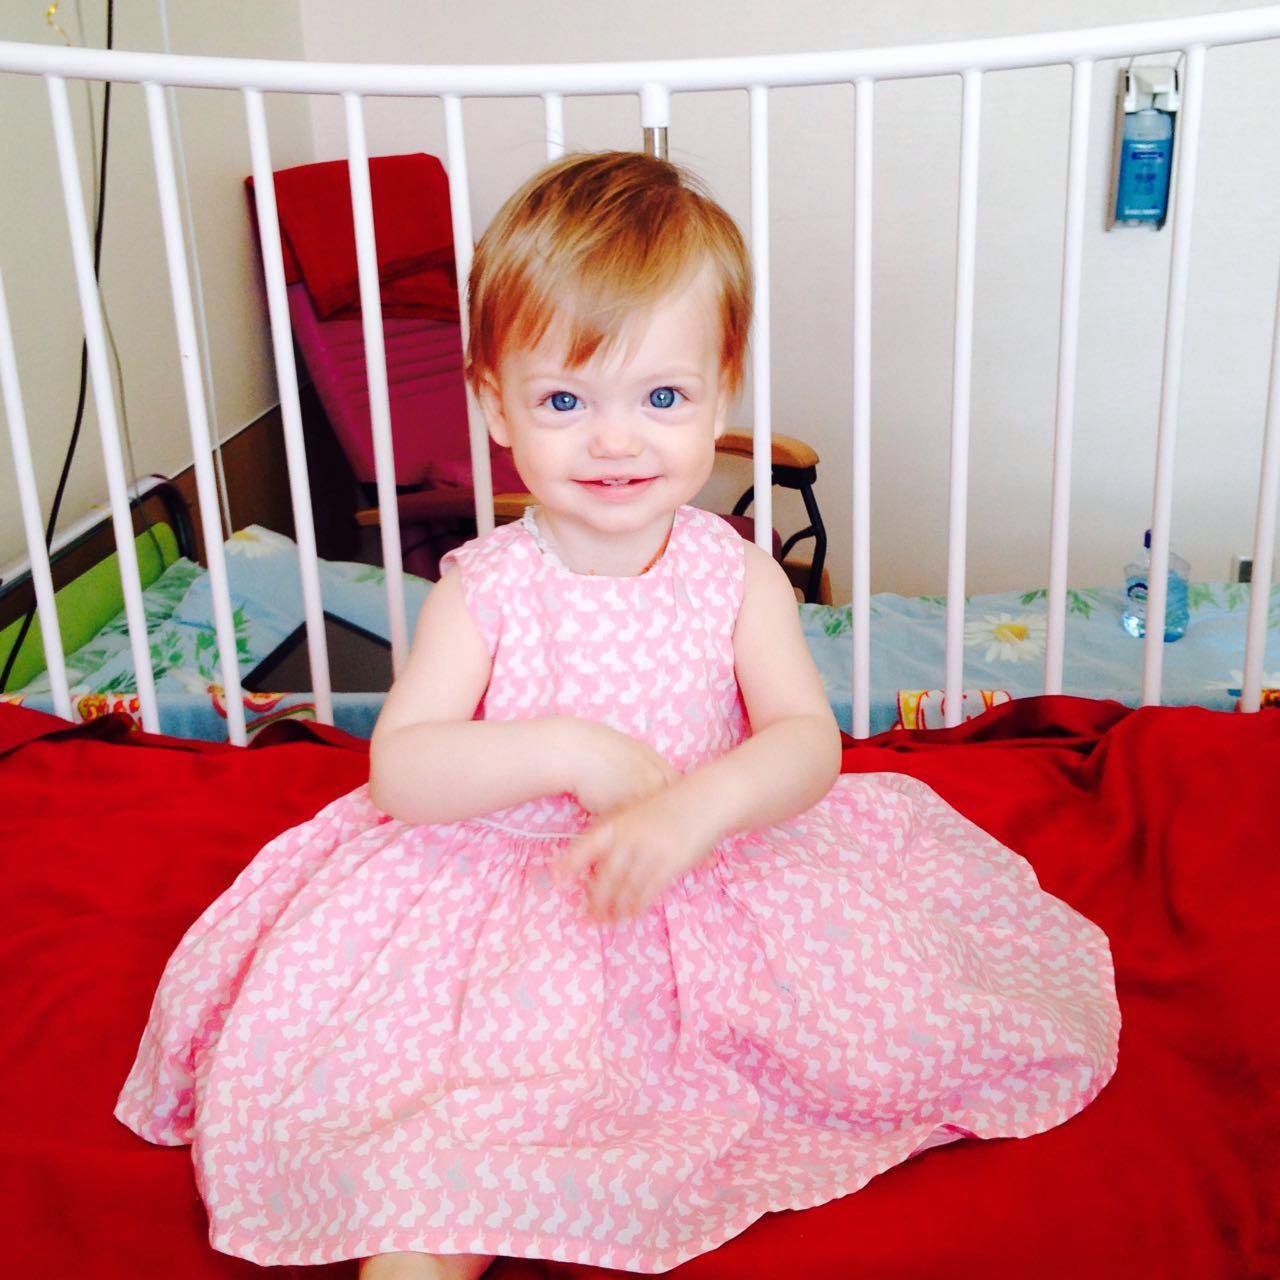 пищевая аллергия у ребенка фото с описанием